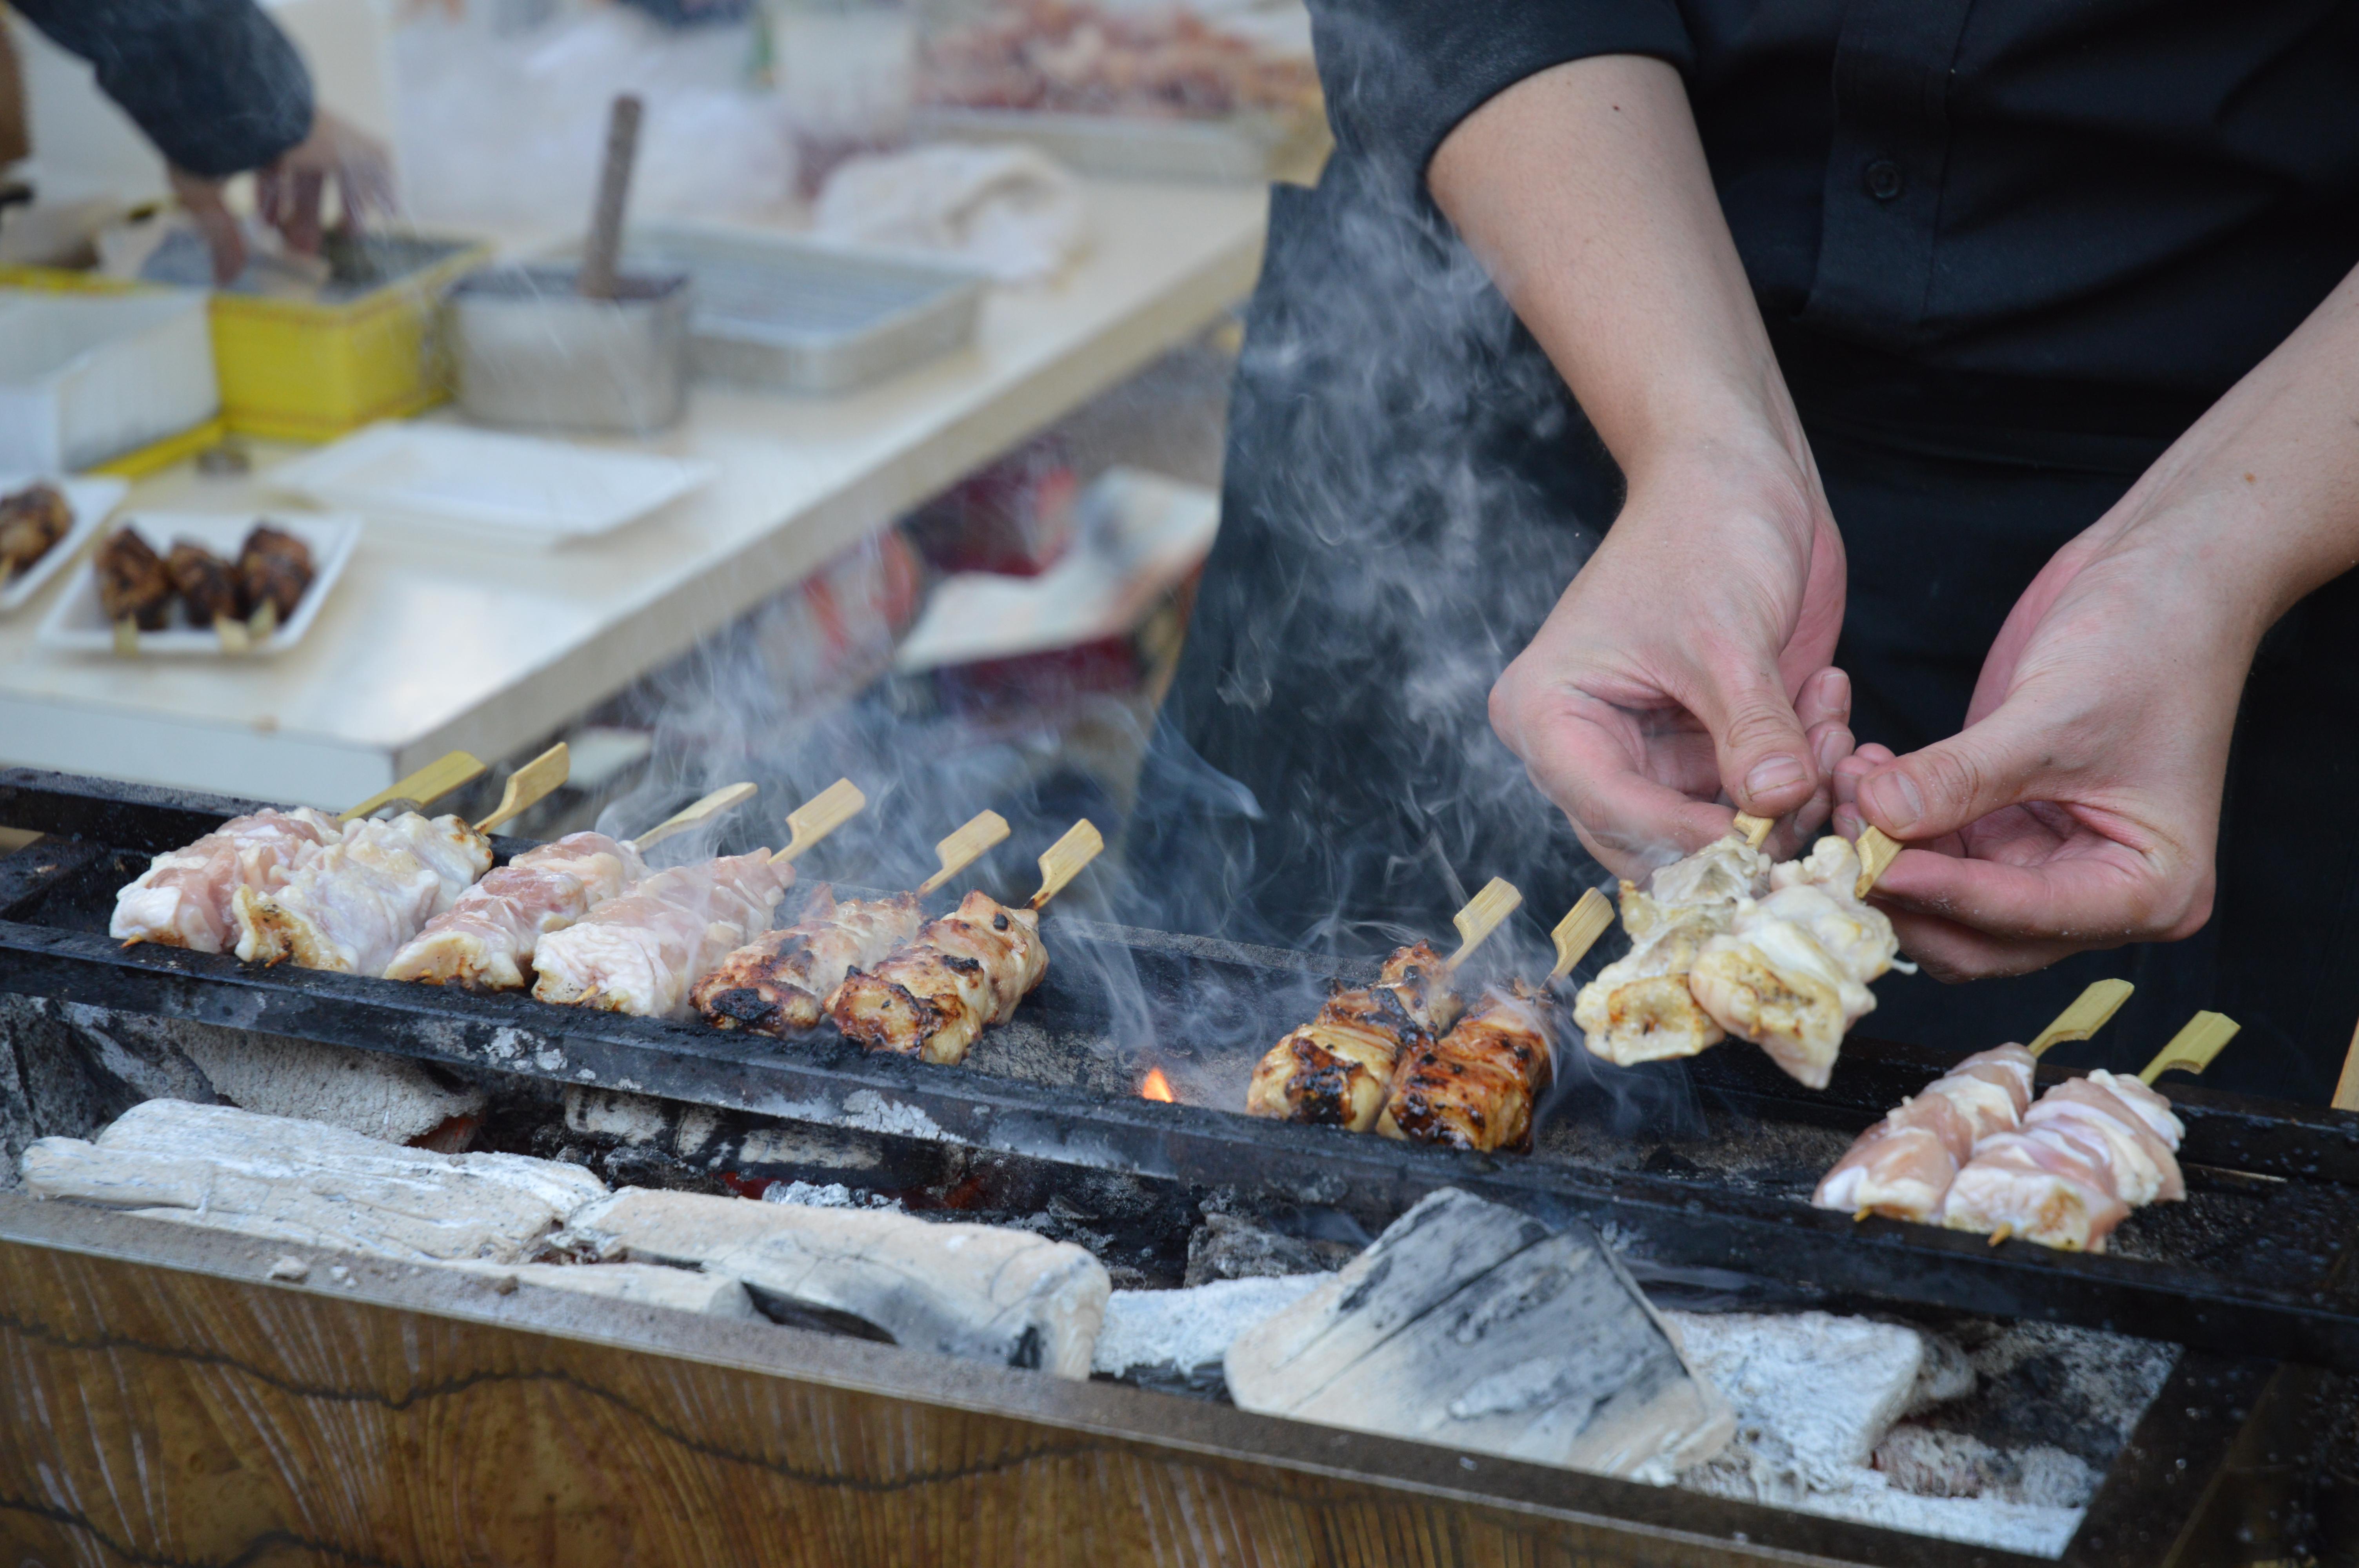 できたての串焼きも。やっぱりソトで食べるとおいしい!